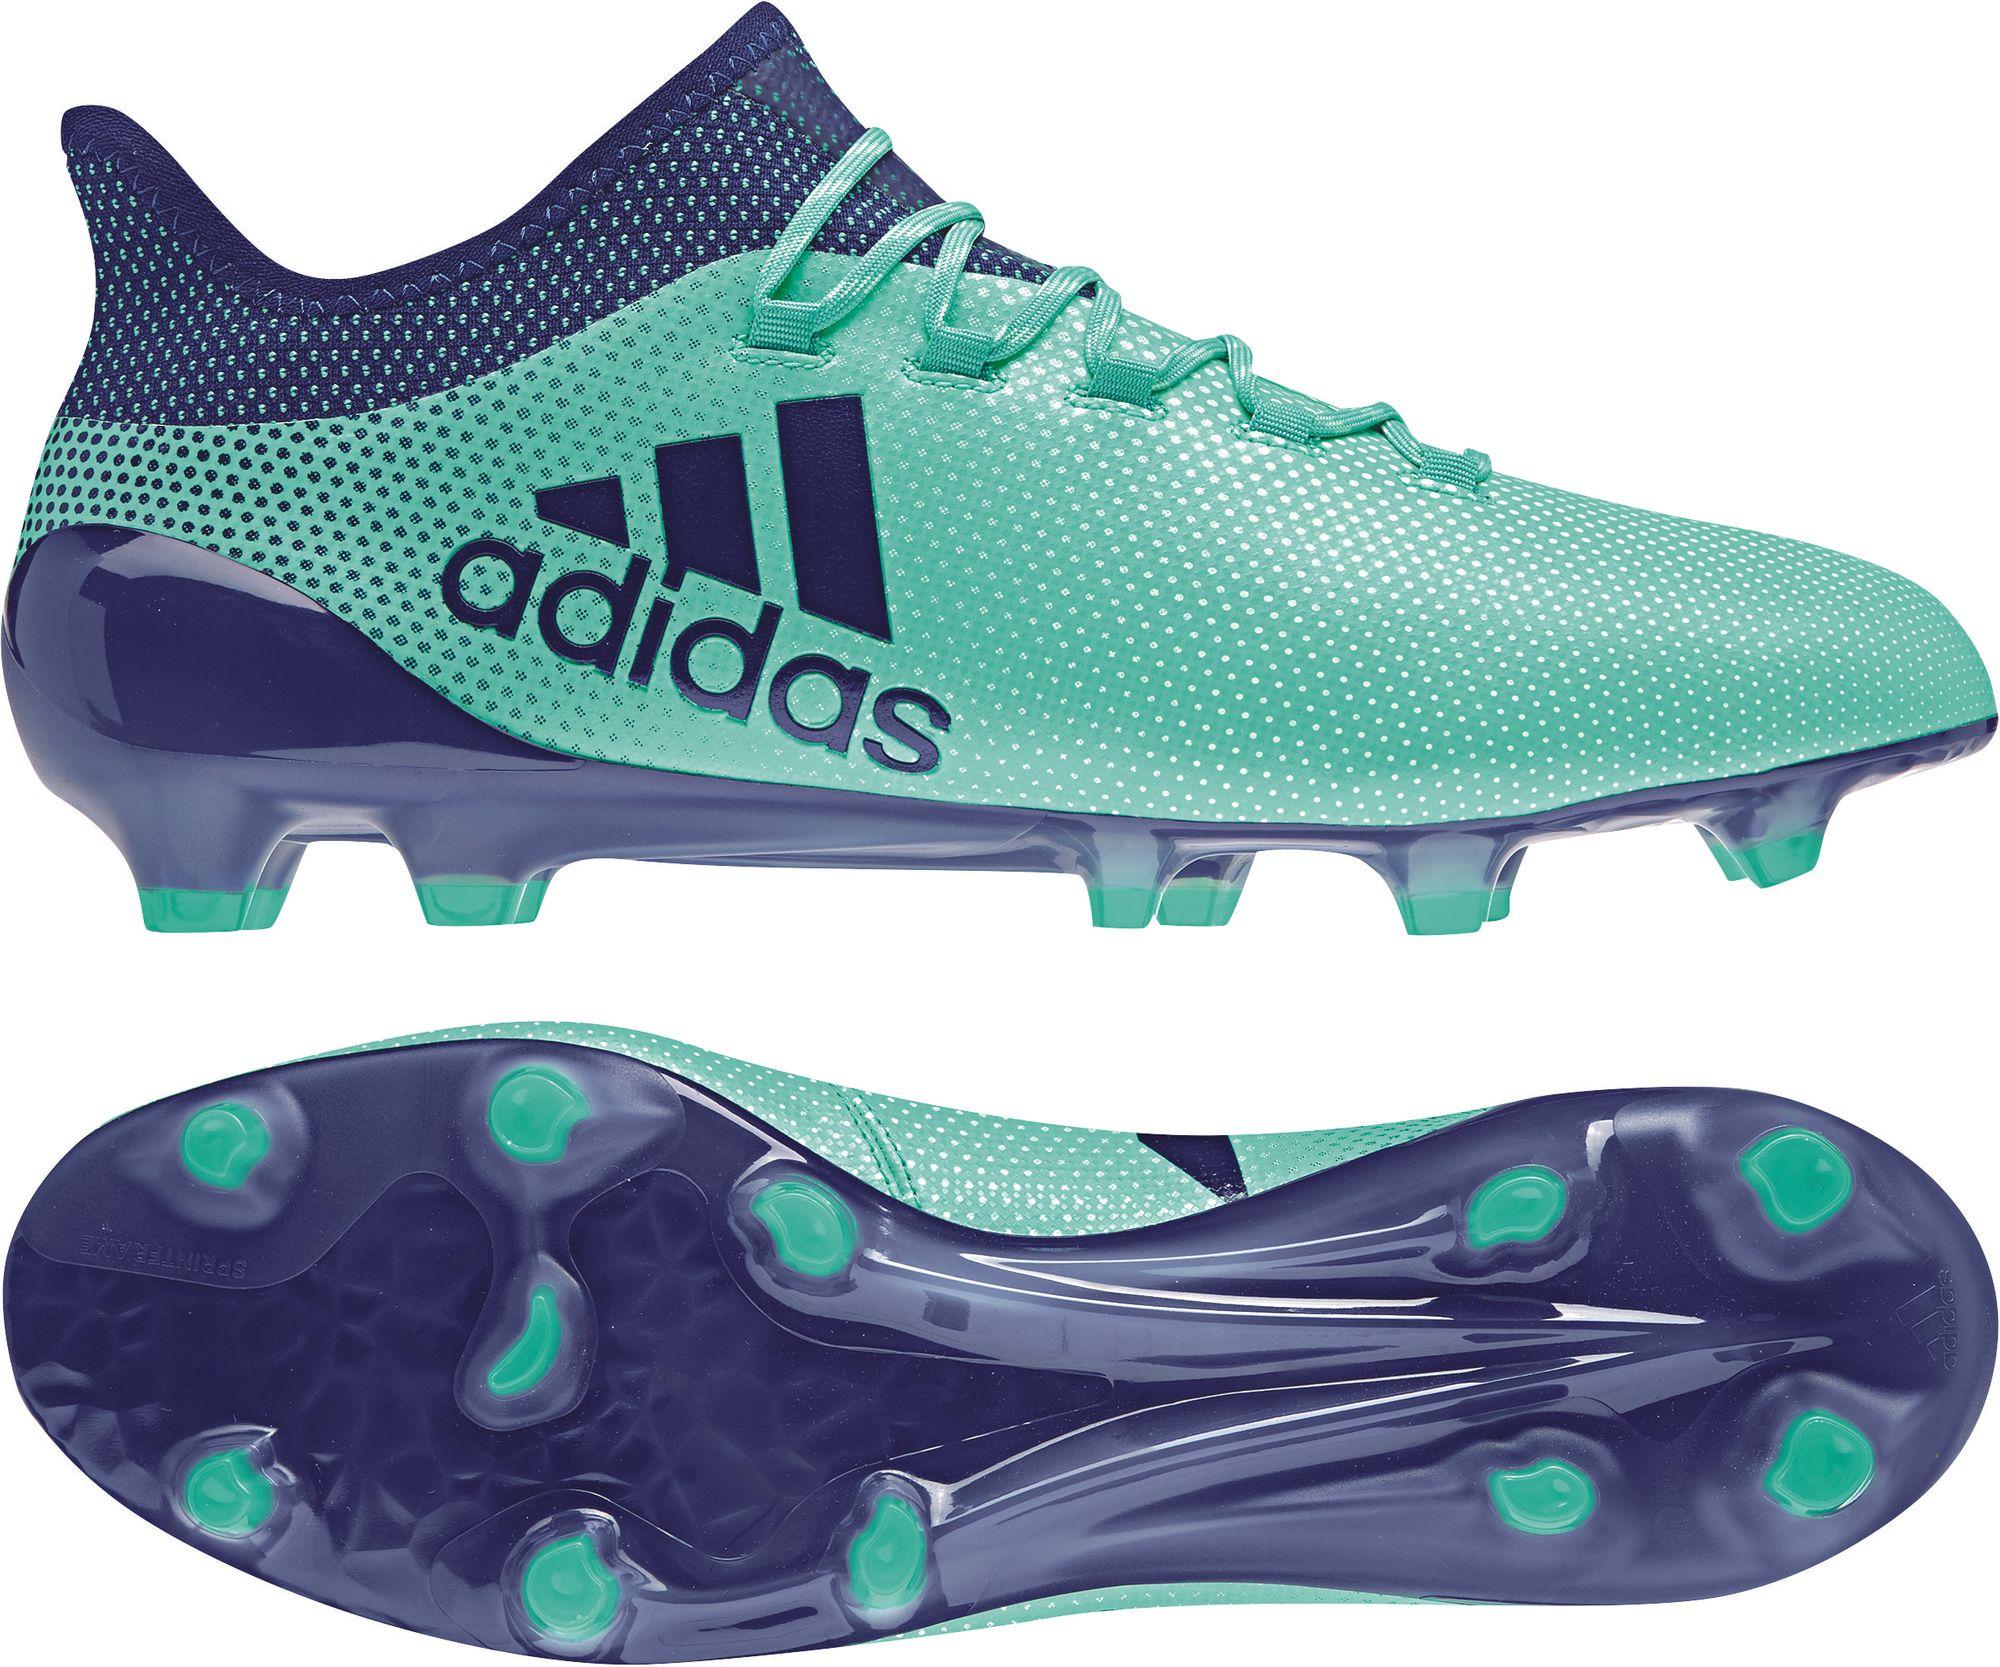 Adidas Schuhe Fußball Adidas | Beste Qualitätsgarantie bei